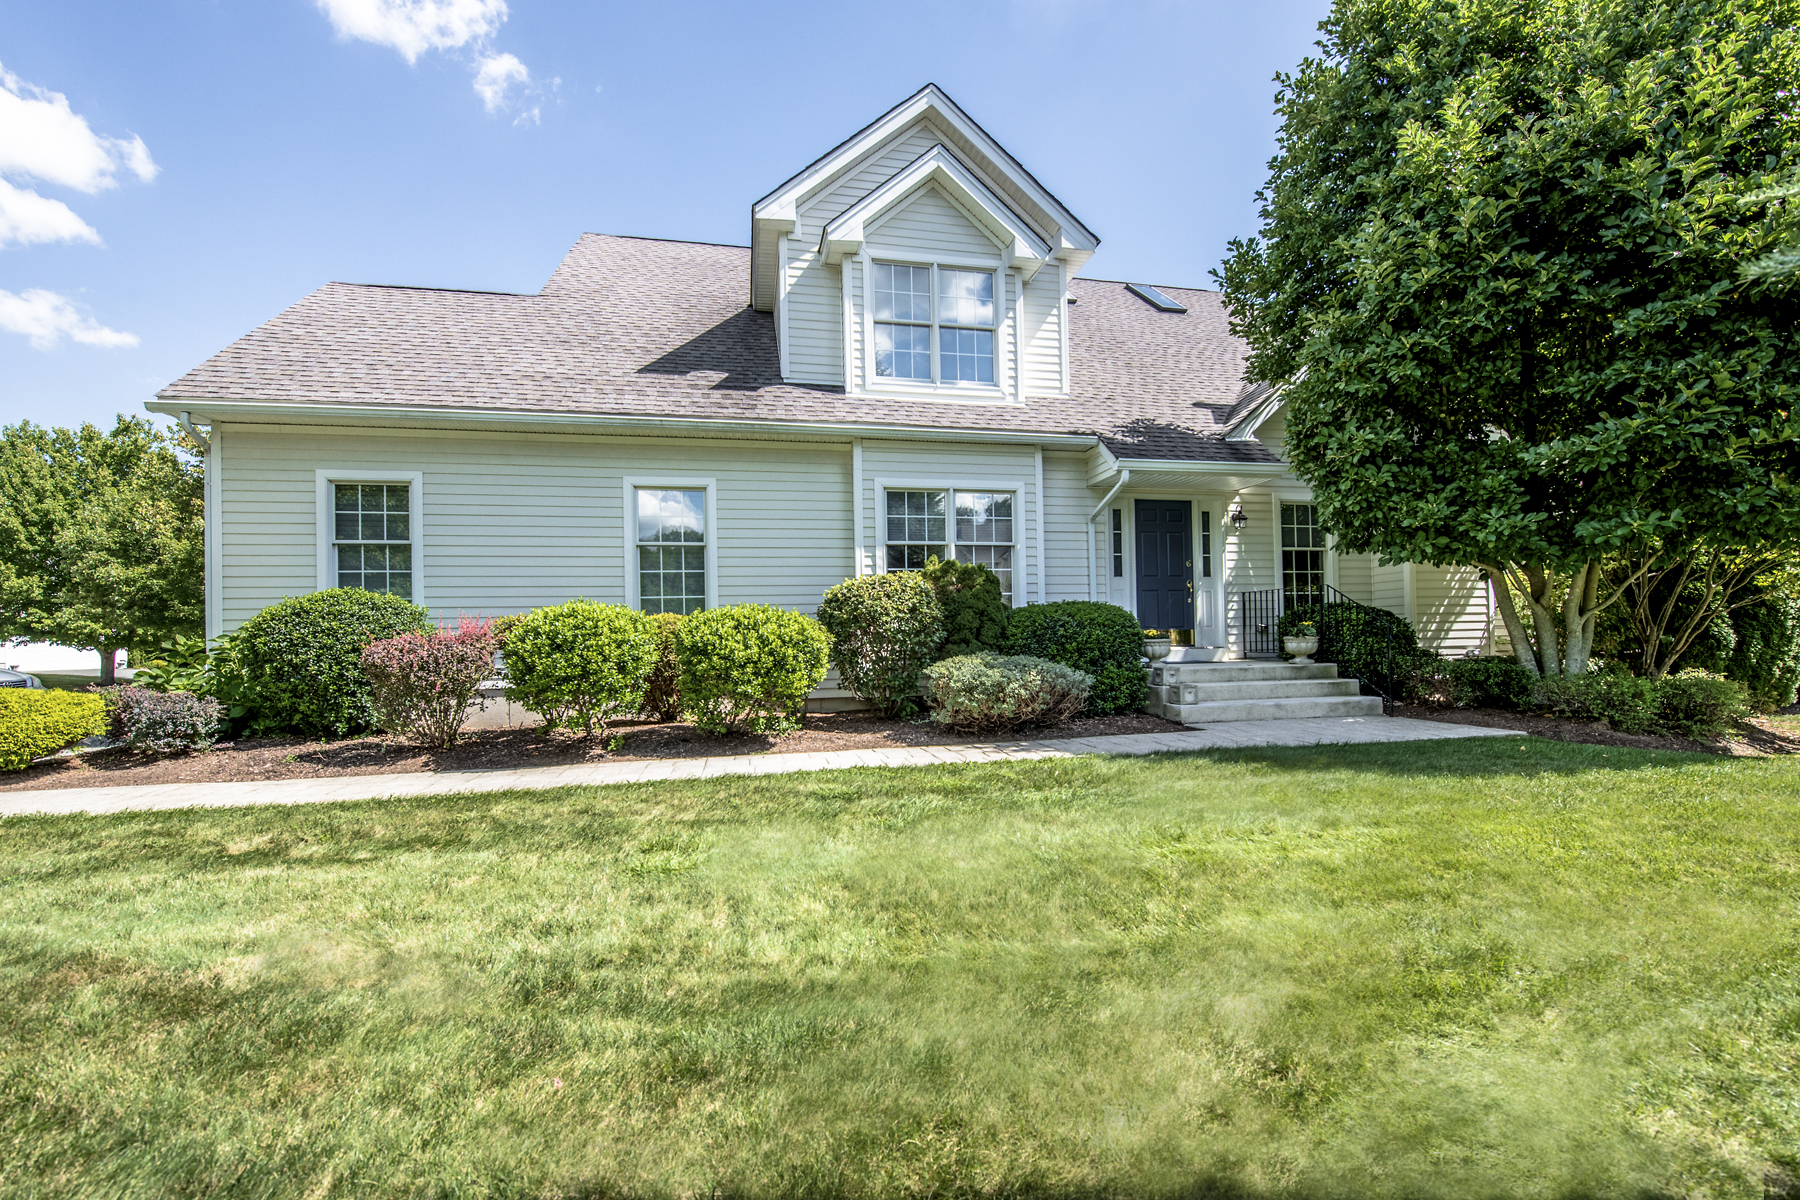 Eigentumswohnung für Verkauf beim 125 Sanctuary Dr, #125, East Greenwich, RI 125 Sanctuary Dr 125 East Greenwich, Rhode Island, 02818 Vereinigte Staaten